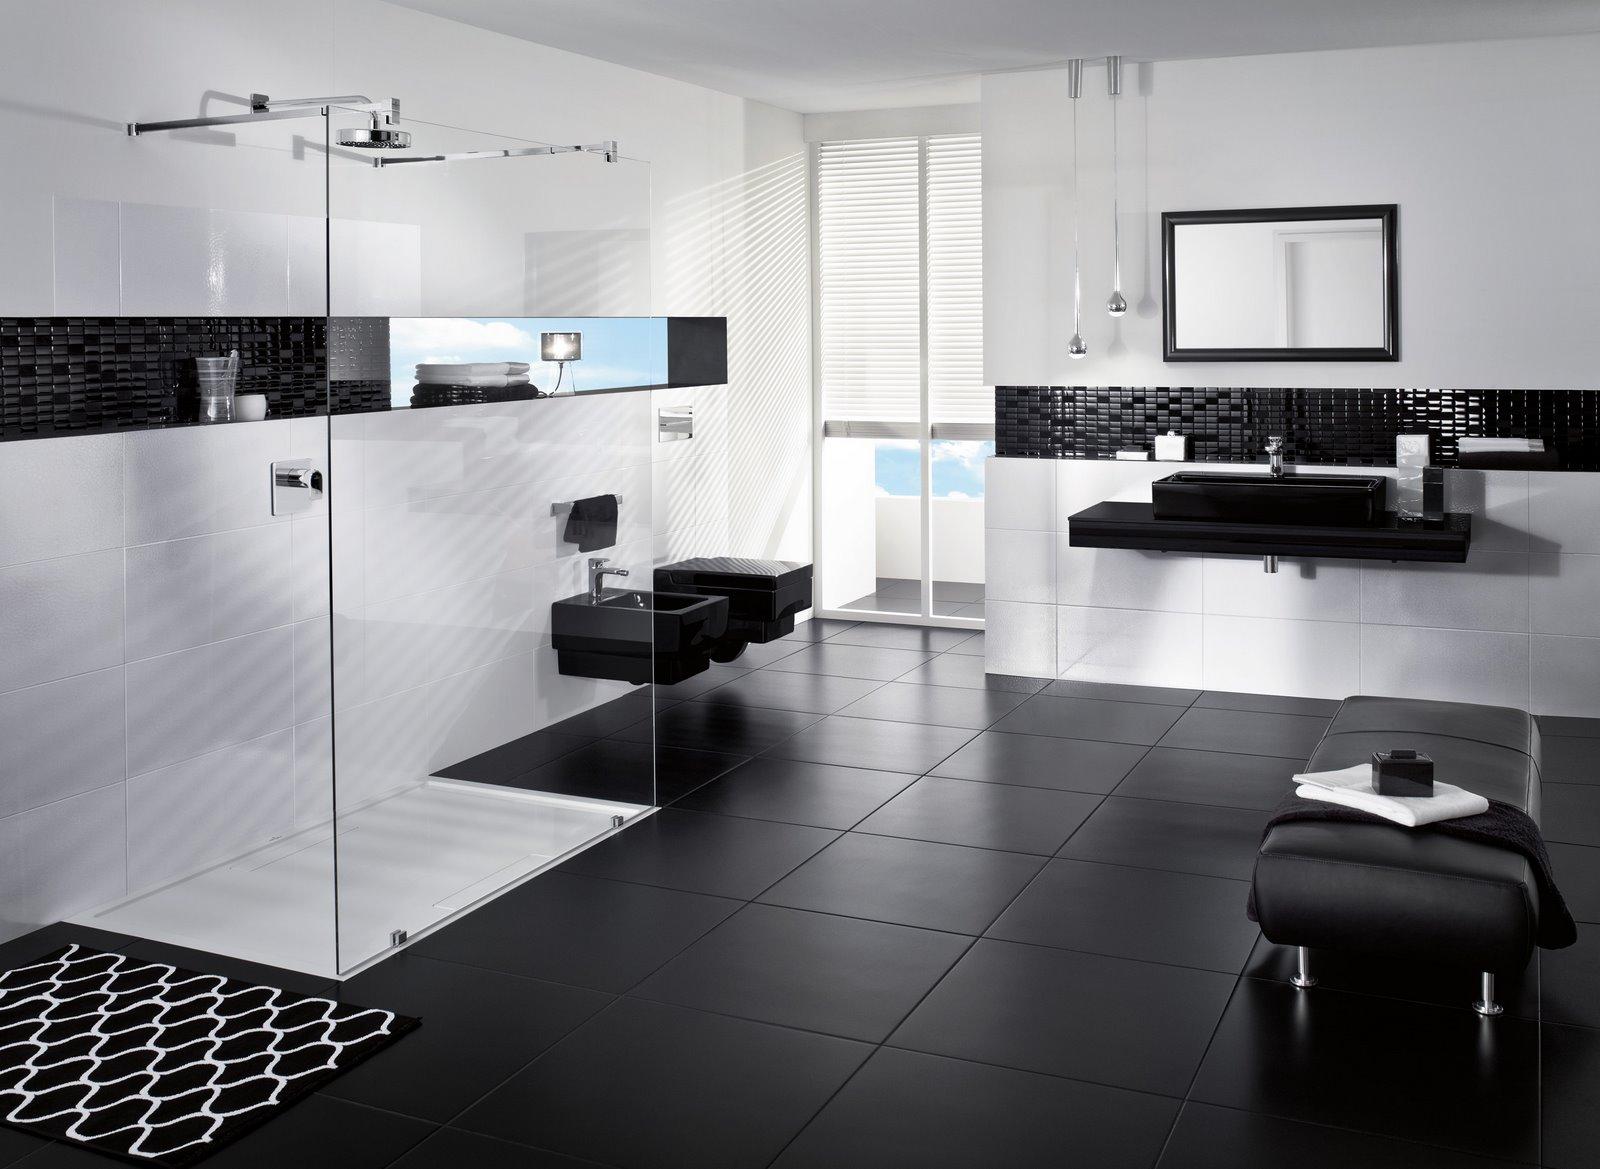 Alles Voor Badkamer : Alles over badkamers mooie badkamer van villeroy boch